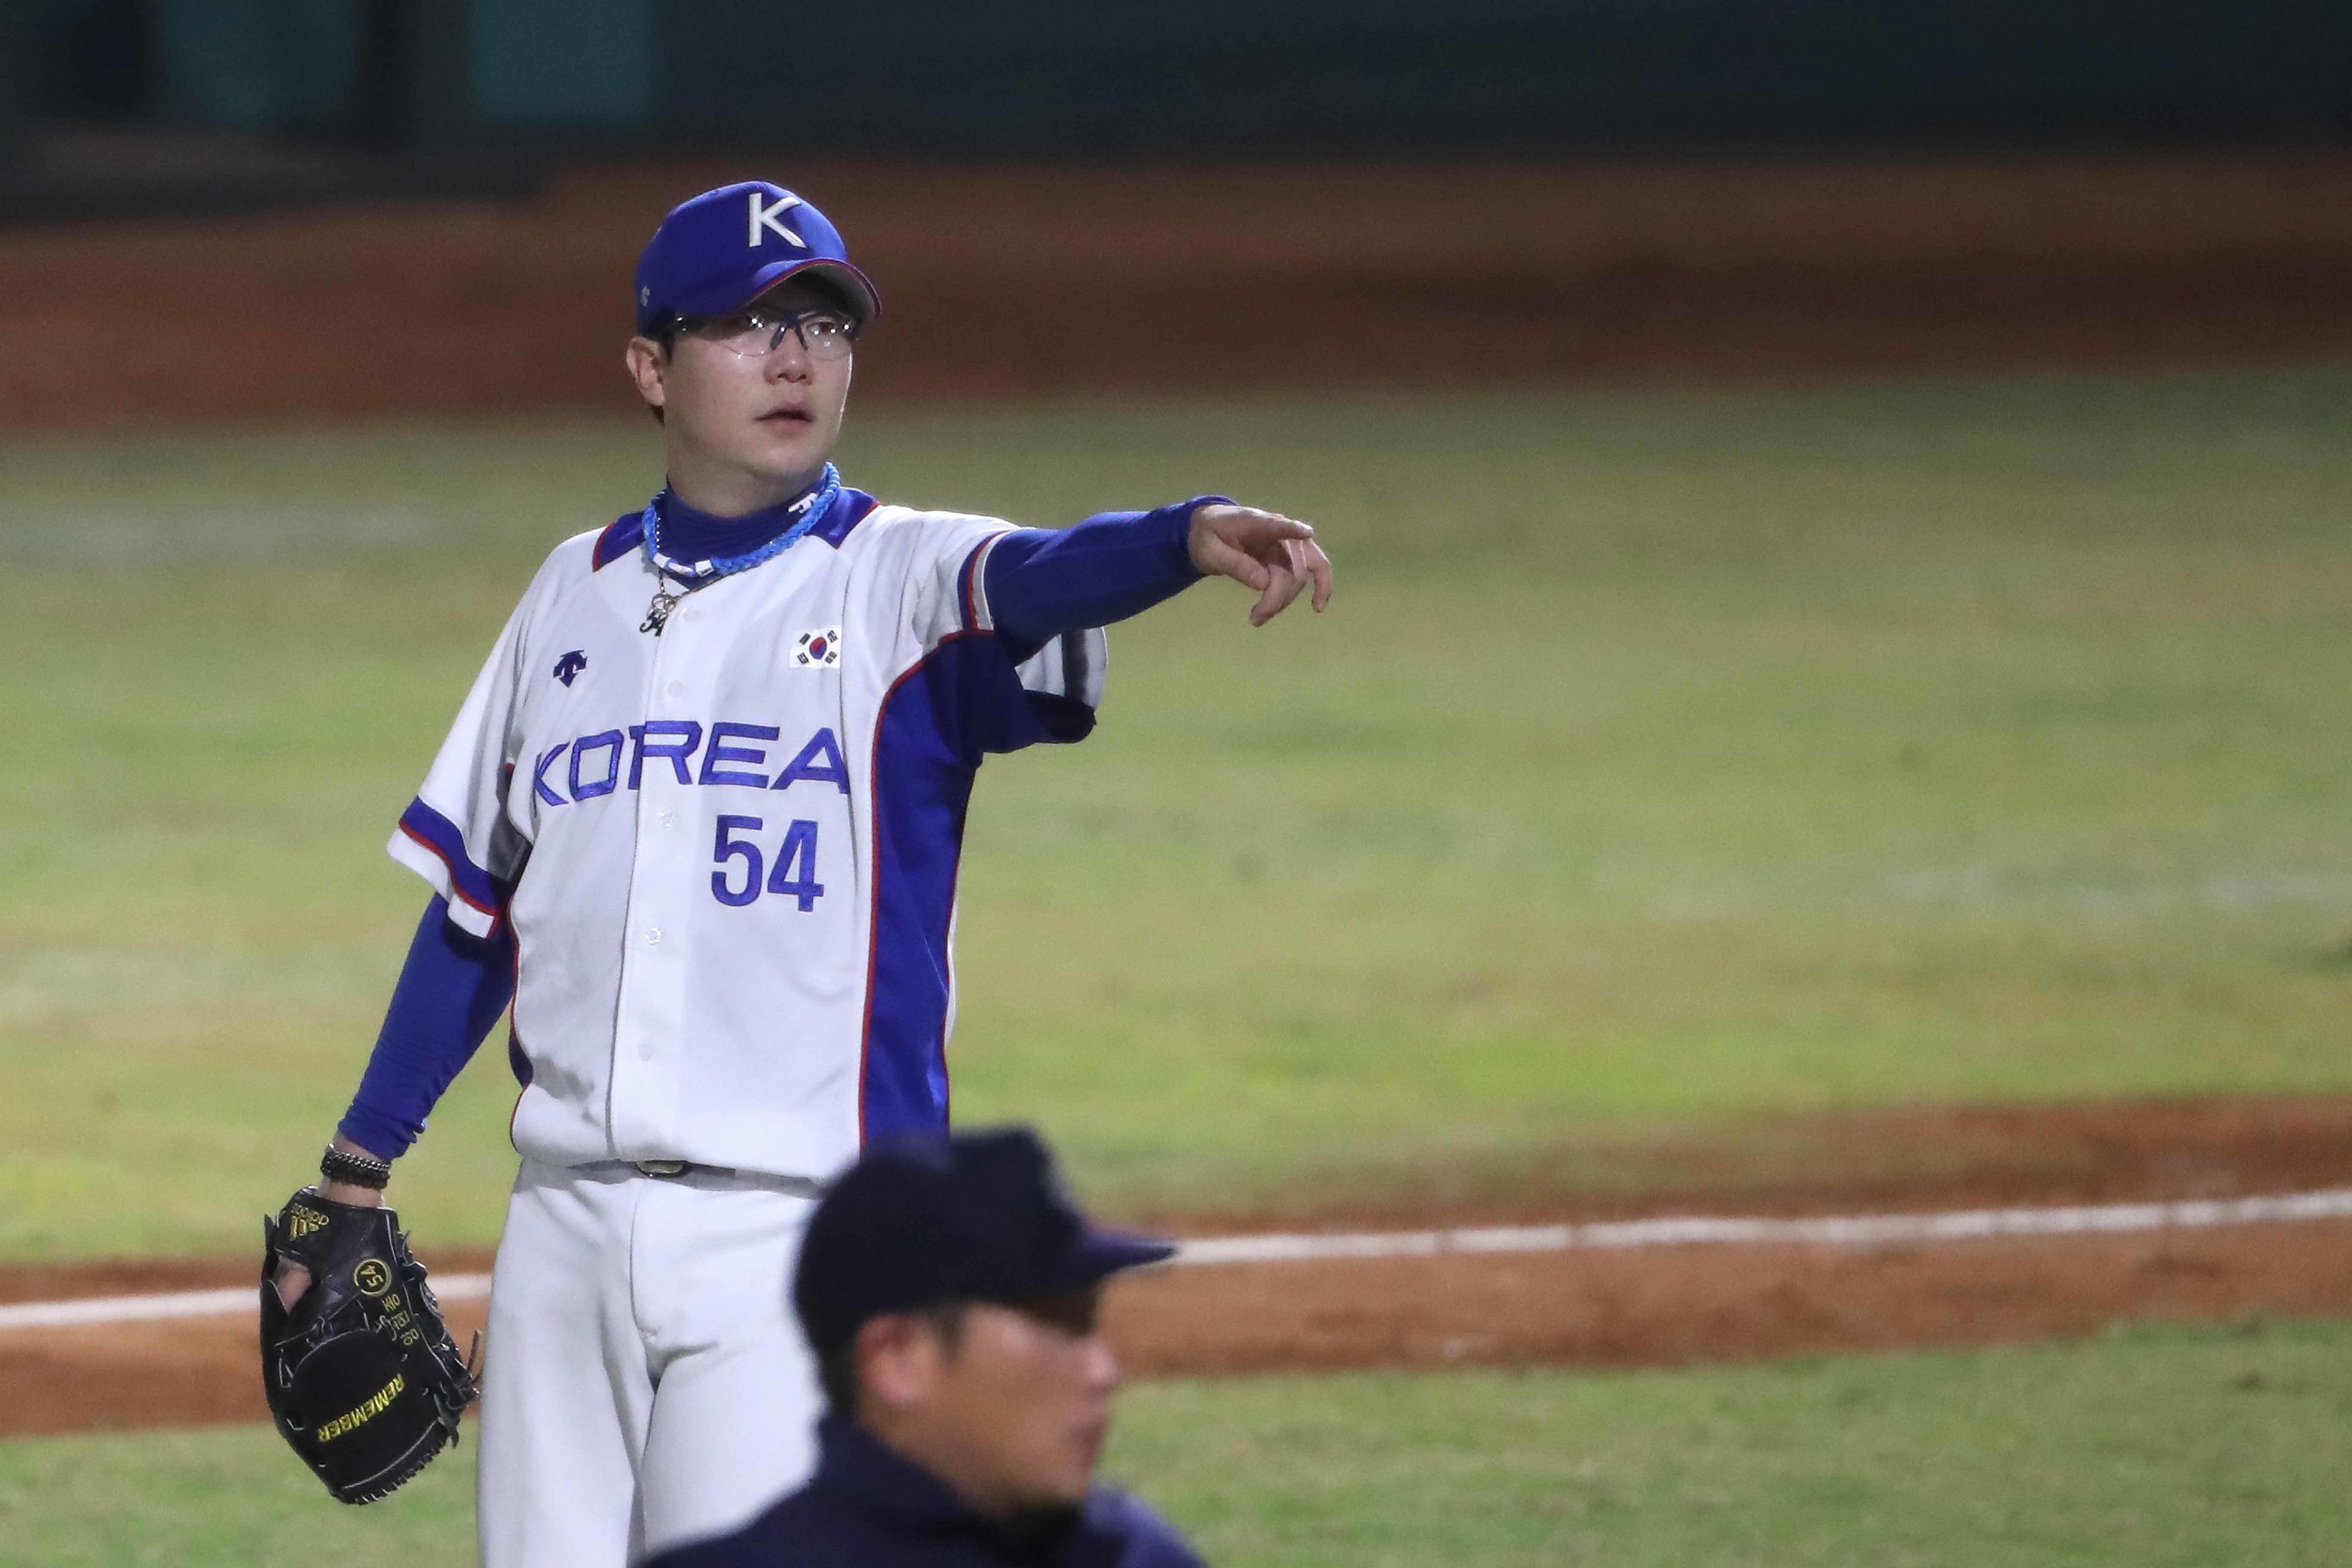 야국 대표팀이 일본을 꺾고 아시안게임 3연패를